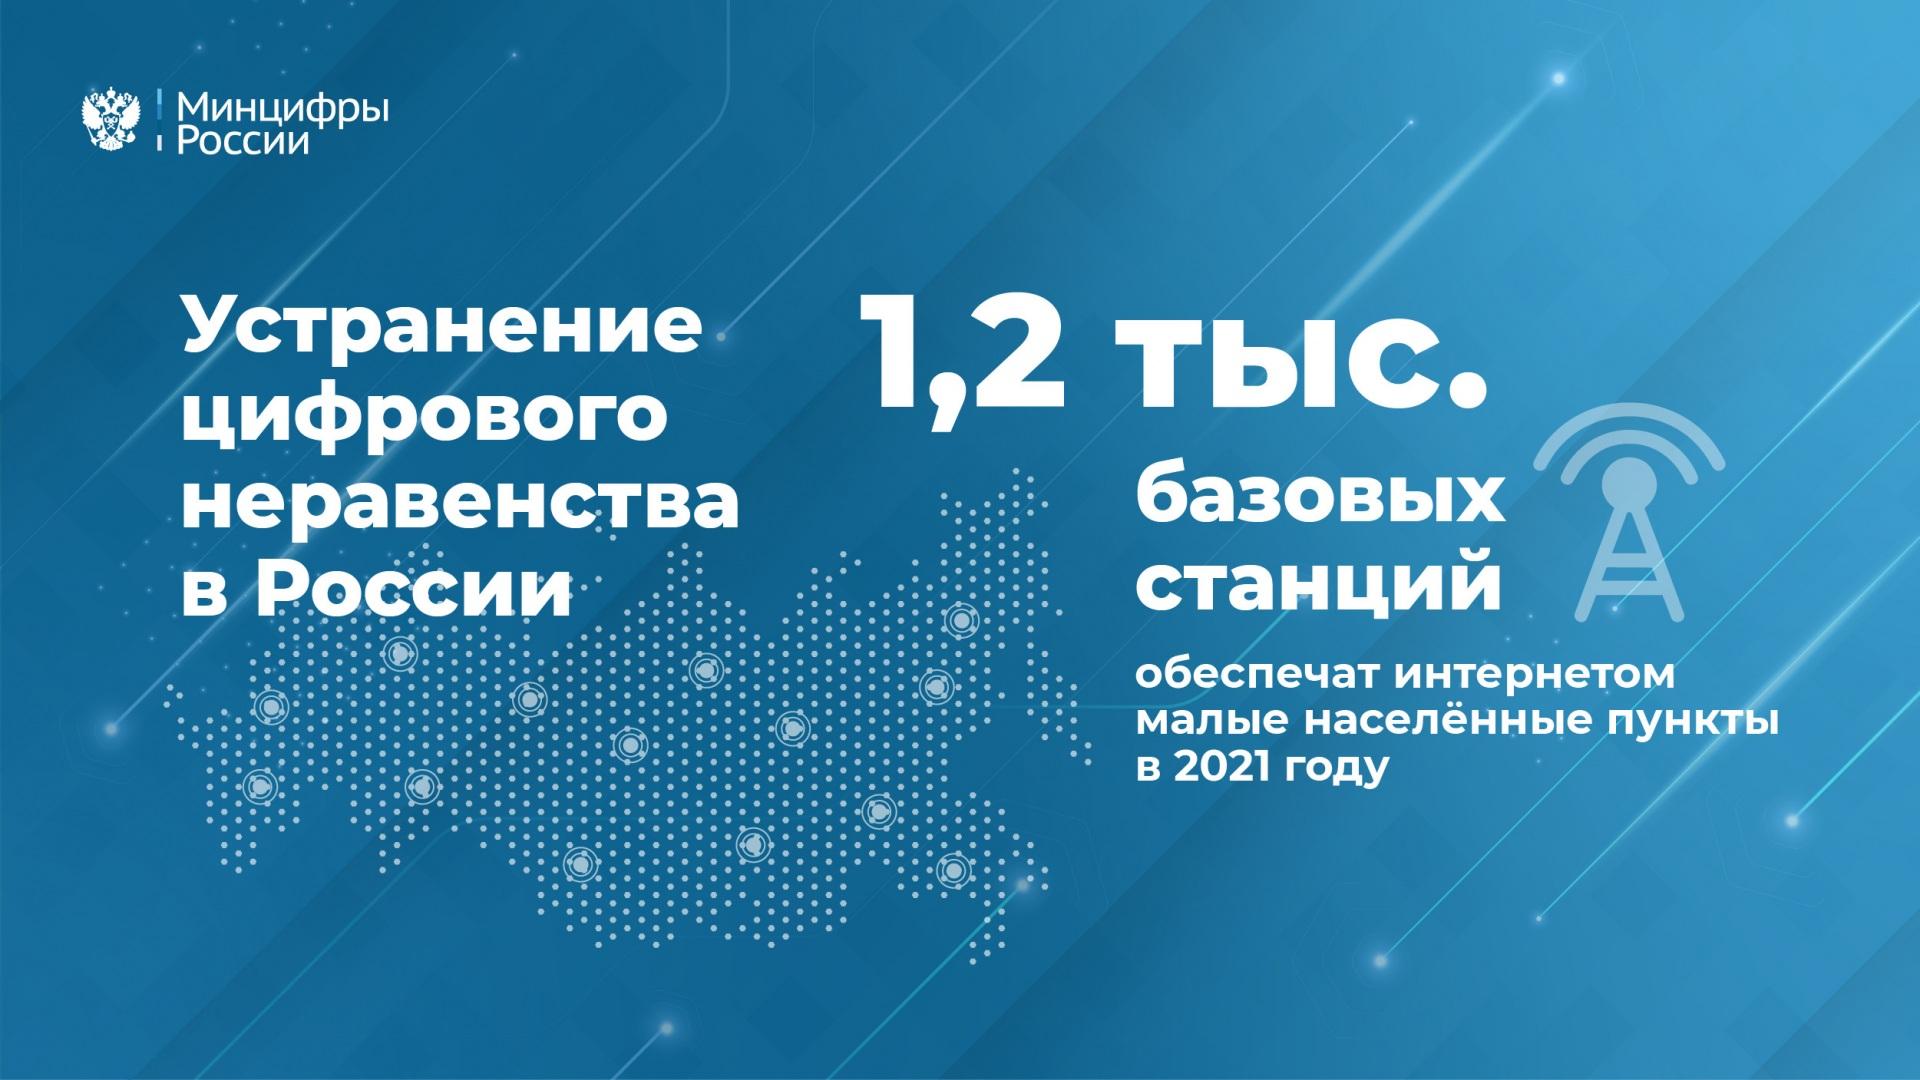 bazovyie-stantsiimontazhnaya-oblast-1-kopiya-62_2Kaffp8.jpg